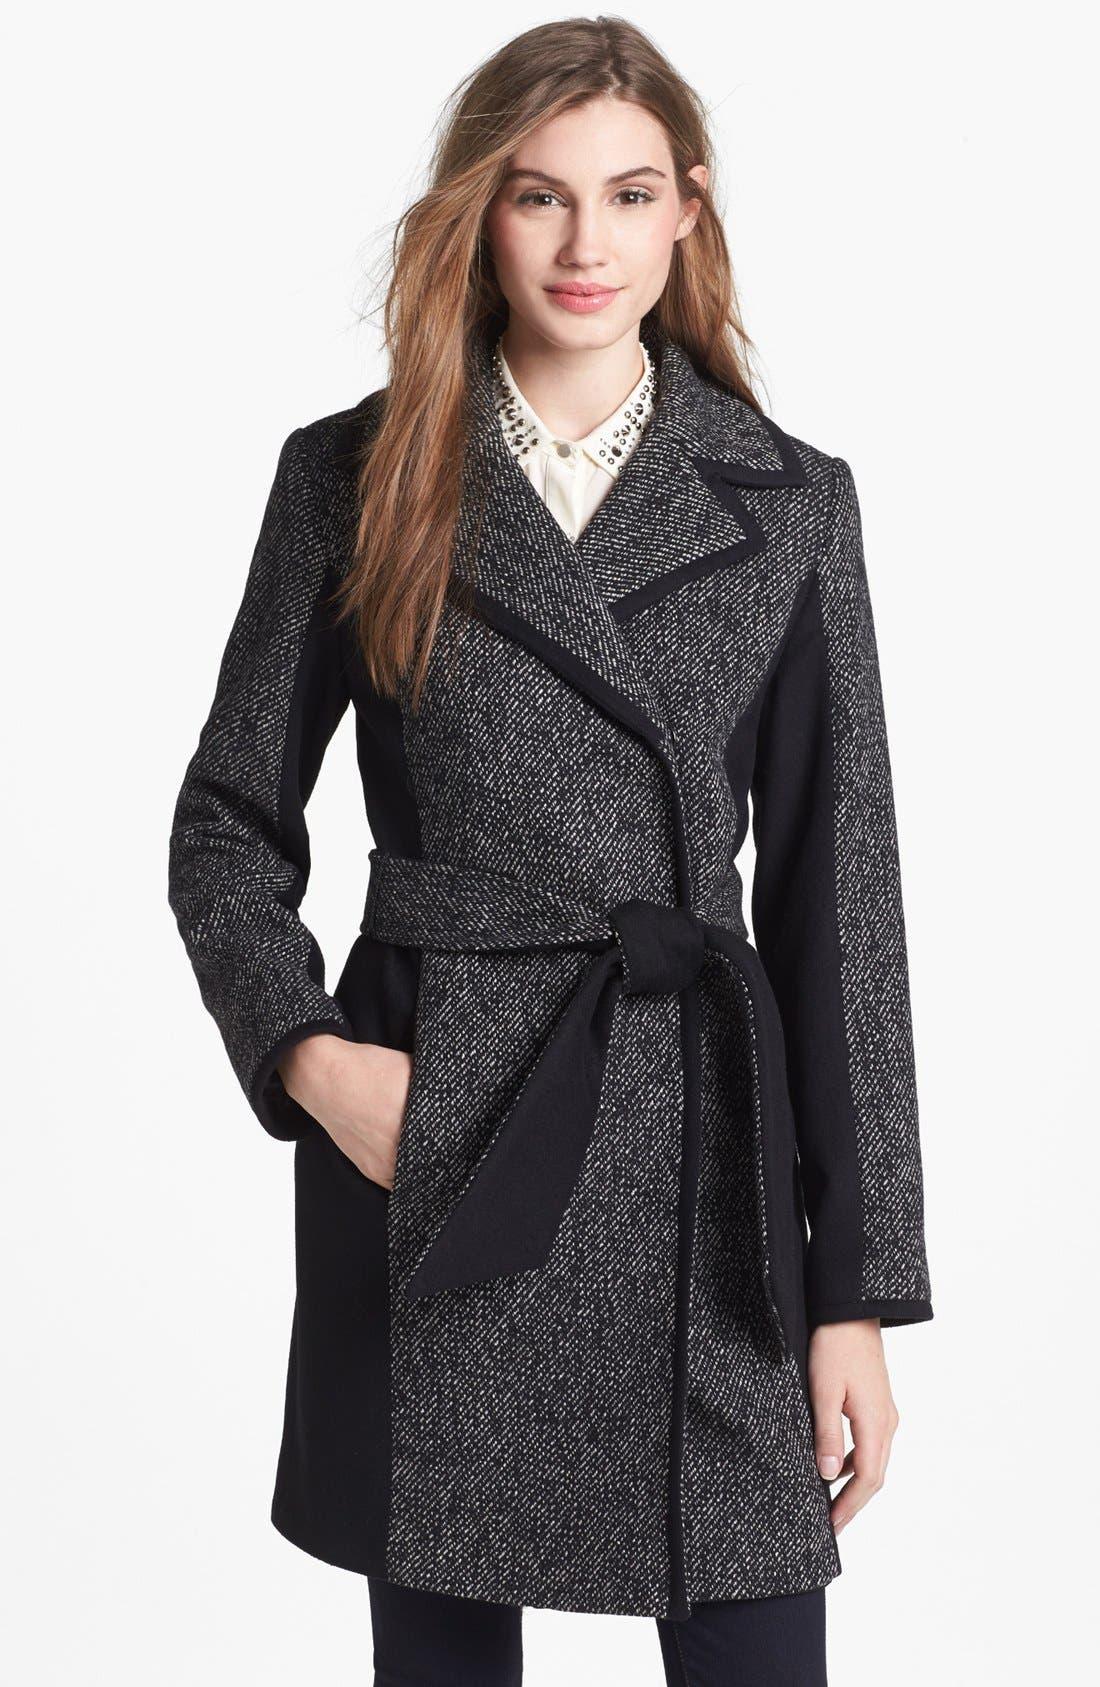 Alternate Image 1 Selected - Kristen Blake Belted Colorblocked Tweed Coat (Petite)